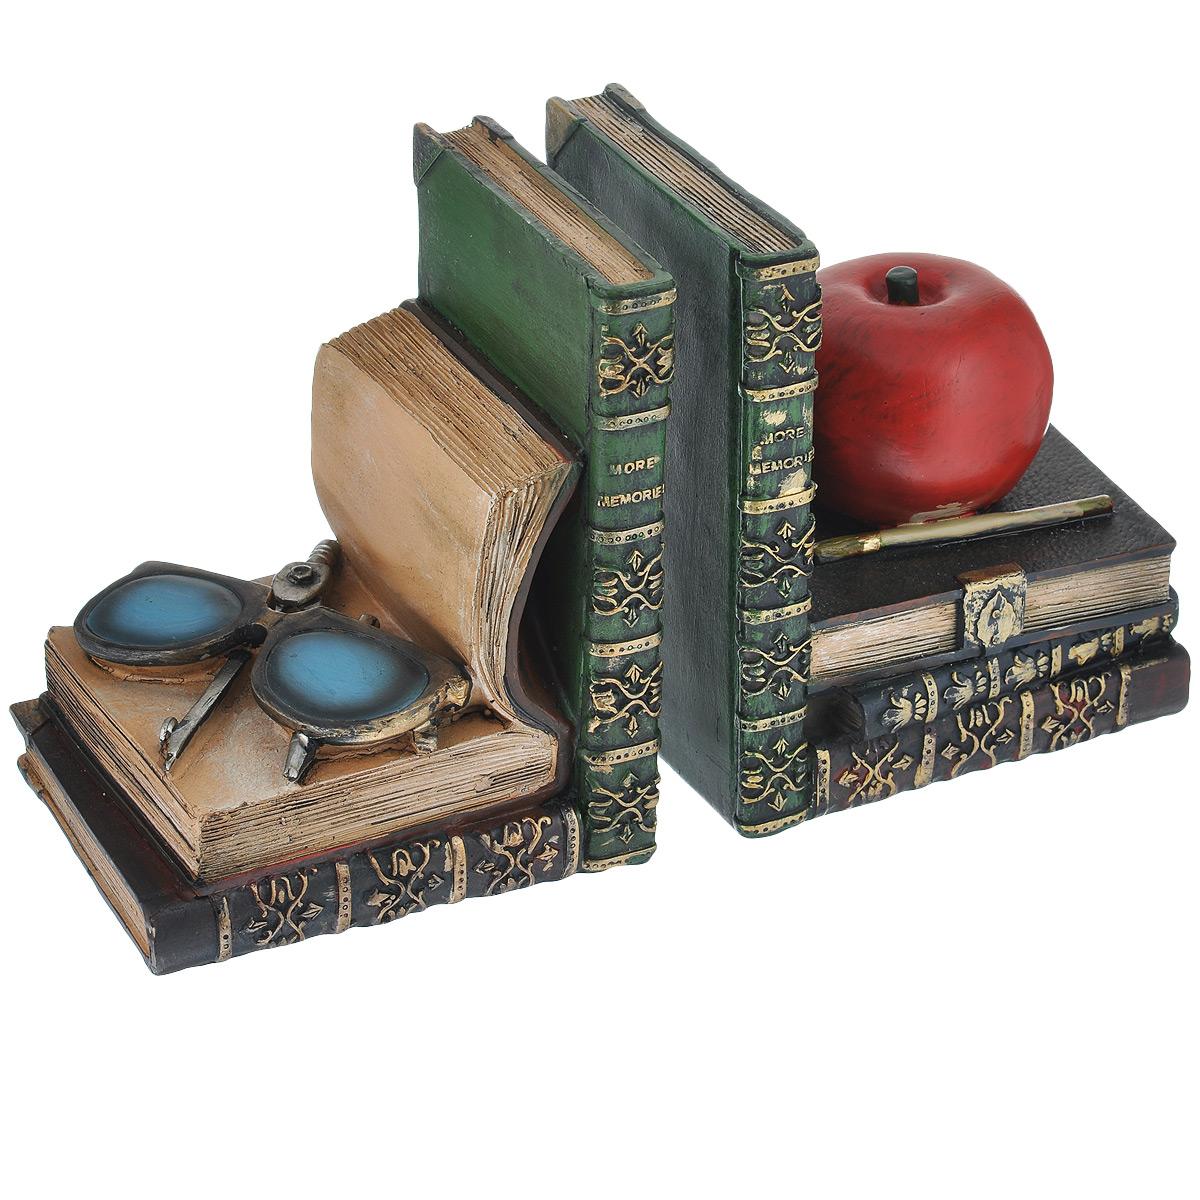 Подставка-ограничитель для книг Наука, 2 шт515-475Подставка-ограничитель для книг Наука изготовлена из полирезины. В комплект входит два ограничителя. Изделия выполнены в виде яблока и очков с циркулем, лежащие на постаменте из книг. Между ограничителями можно поместить неограниченное количество книг. Подставка-ограничитель для книг Наука - это не только подставка для книг, но и интересный элемент декора, который ярко дополнит интерьер помещения. Размер подставки-ограничителя: 12,5 см х 10 см х 15,5 см.Комплектация: 2 шт.